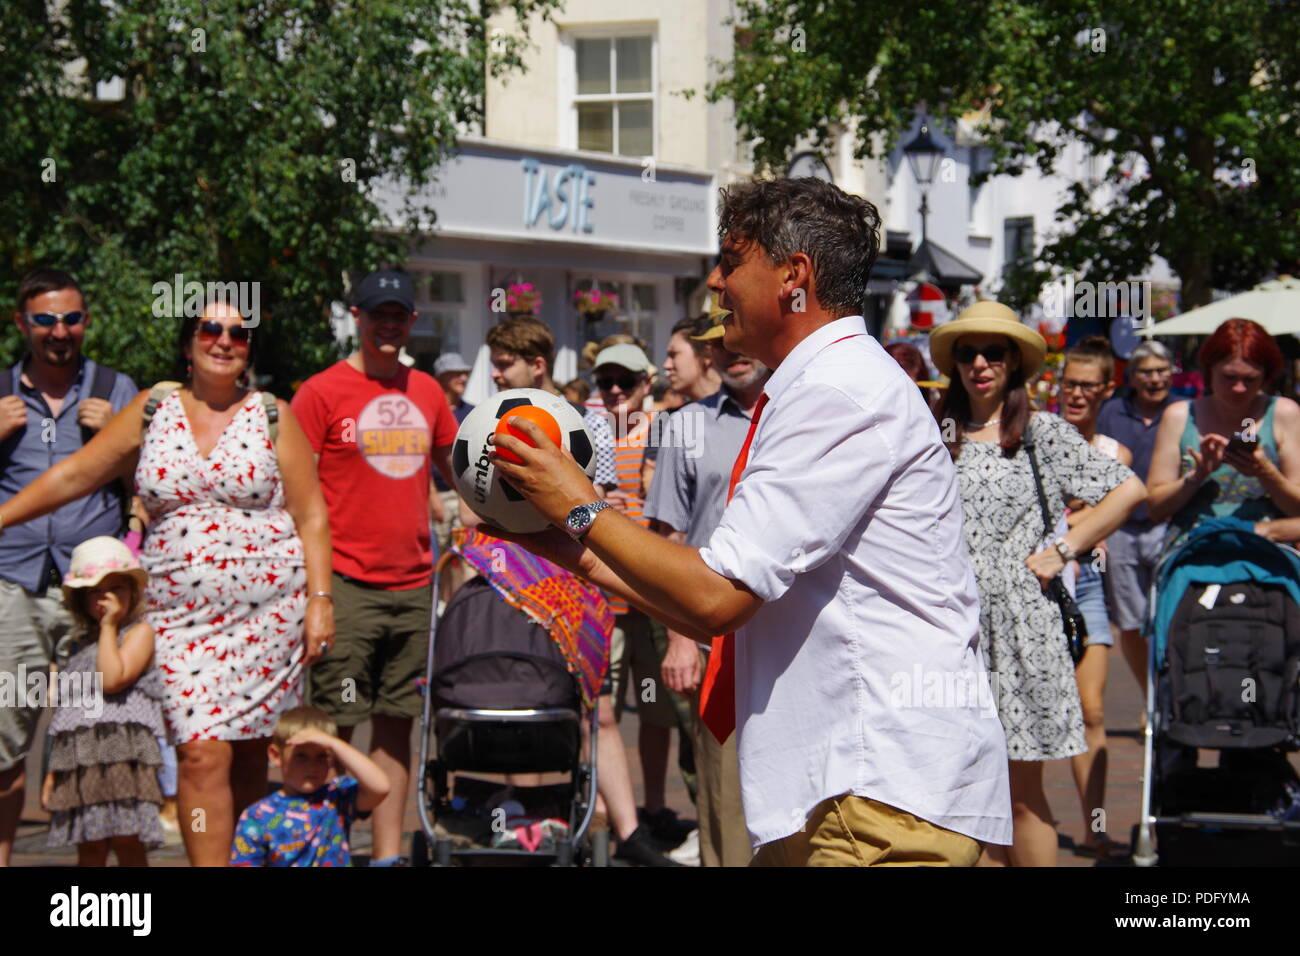 Children's Entertainer Juggles Balls at Sidmouth Folk Festival, East Devon, UK. August, 2018. Stock Photo